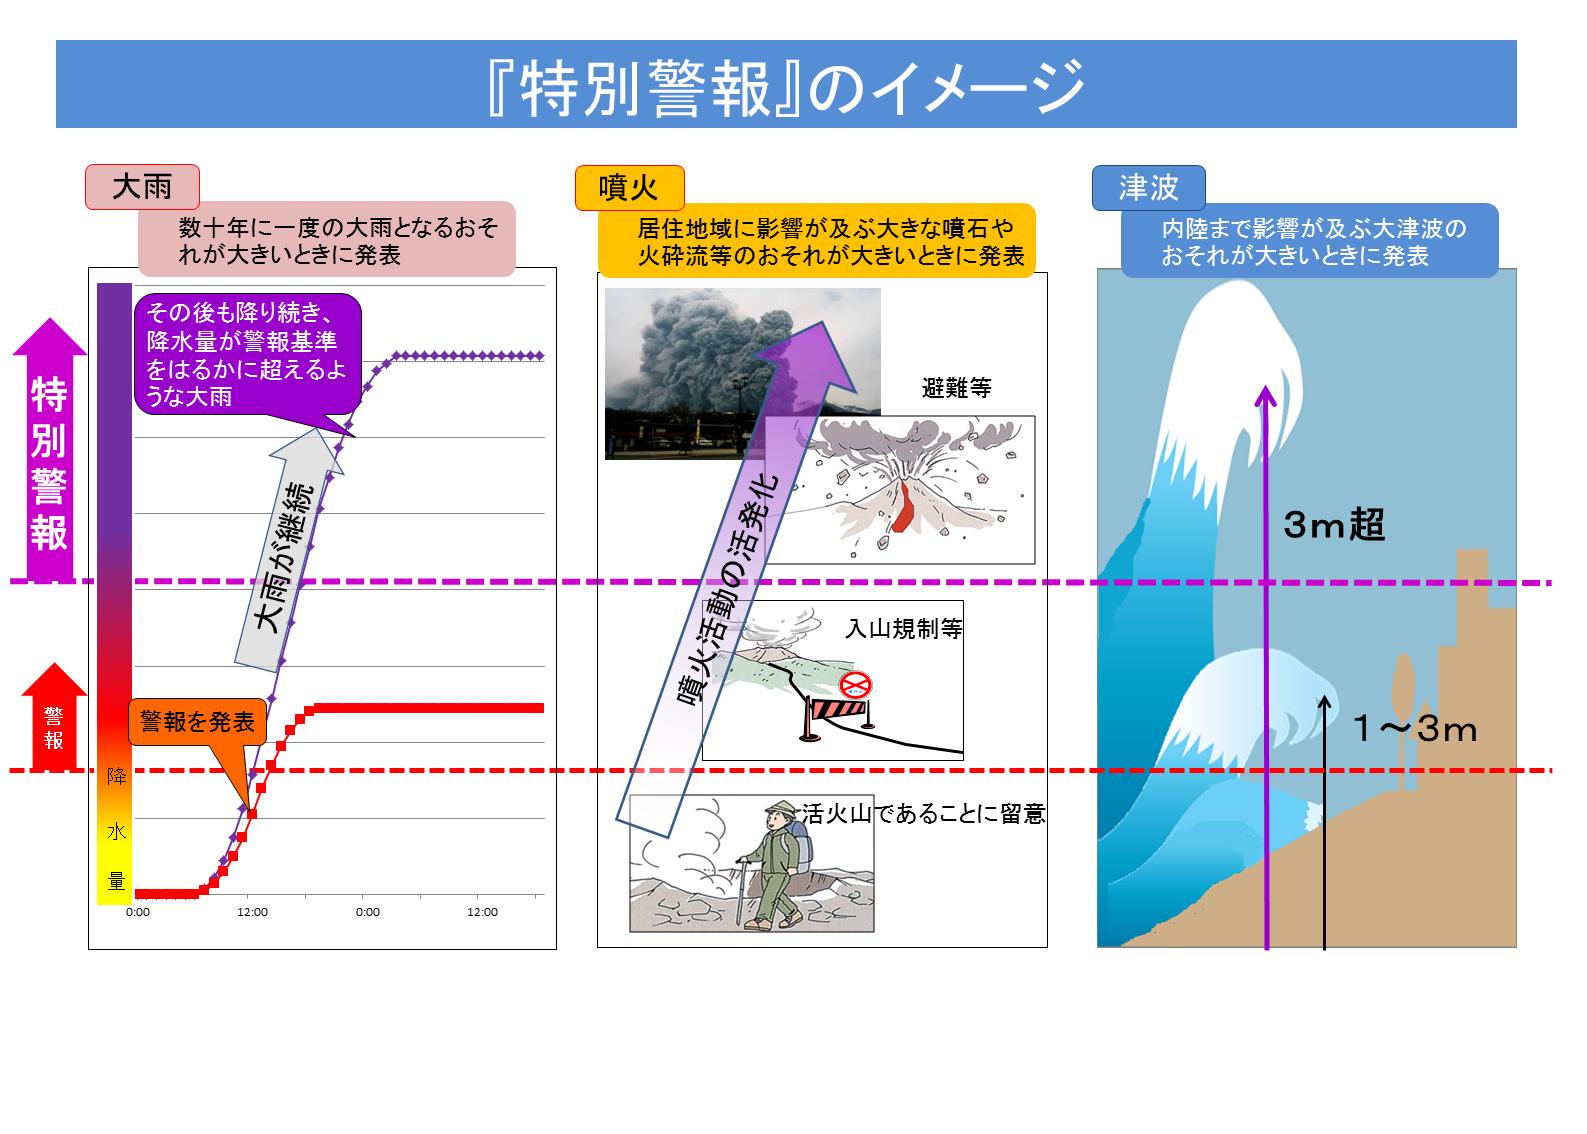 気象庁は、平成25年8月30日(金)に「特別警報no